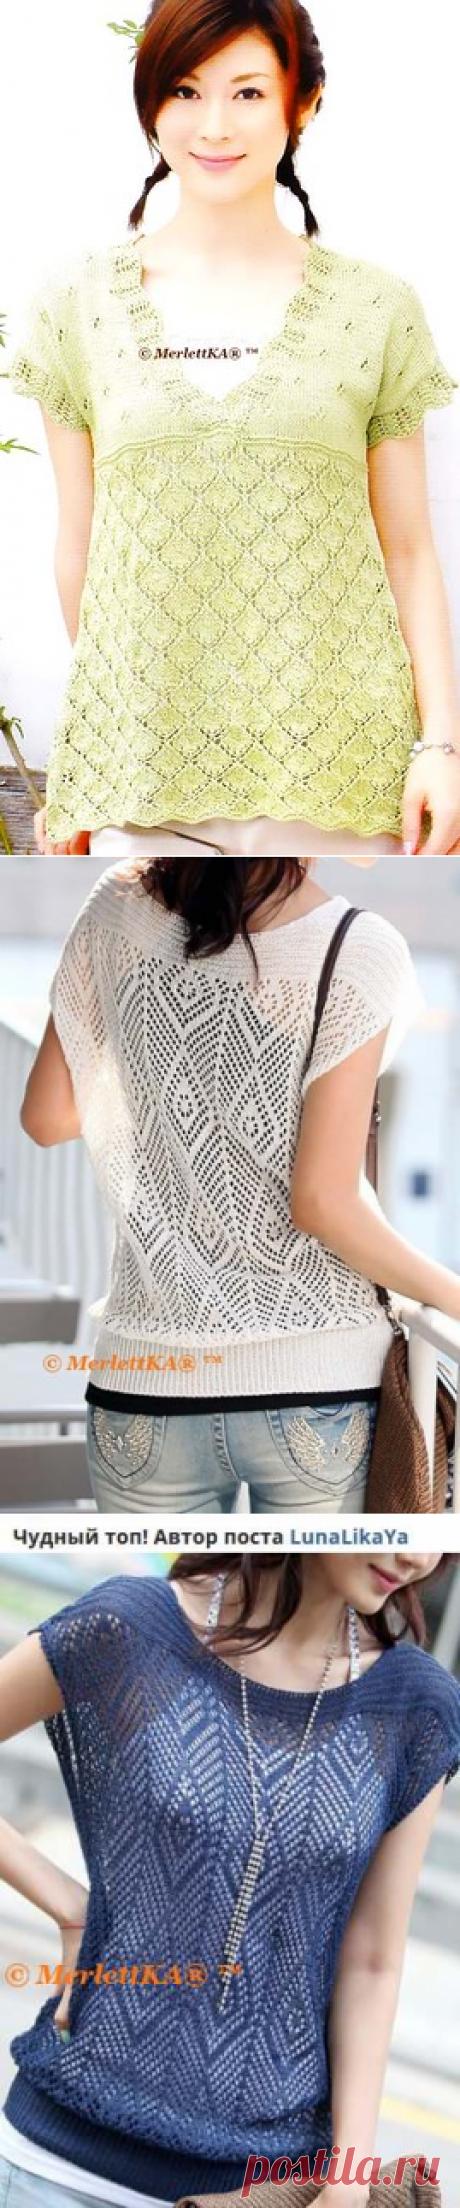 Два топа на лето, которые можно довязать в тунику или платье ☆ вязание спицами